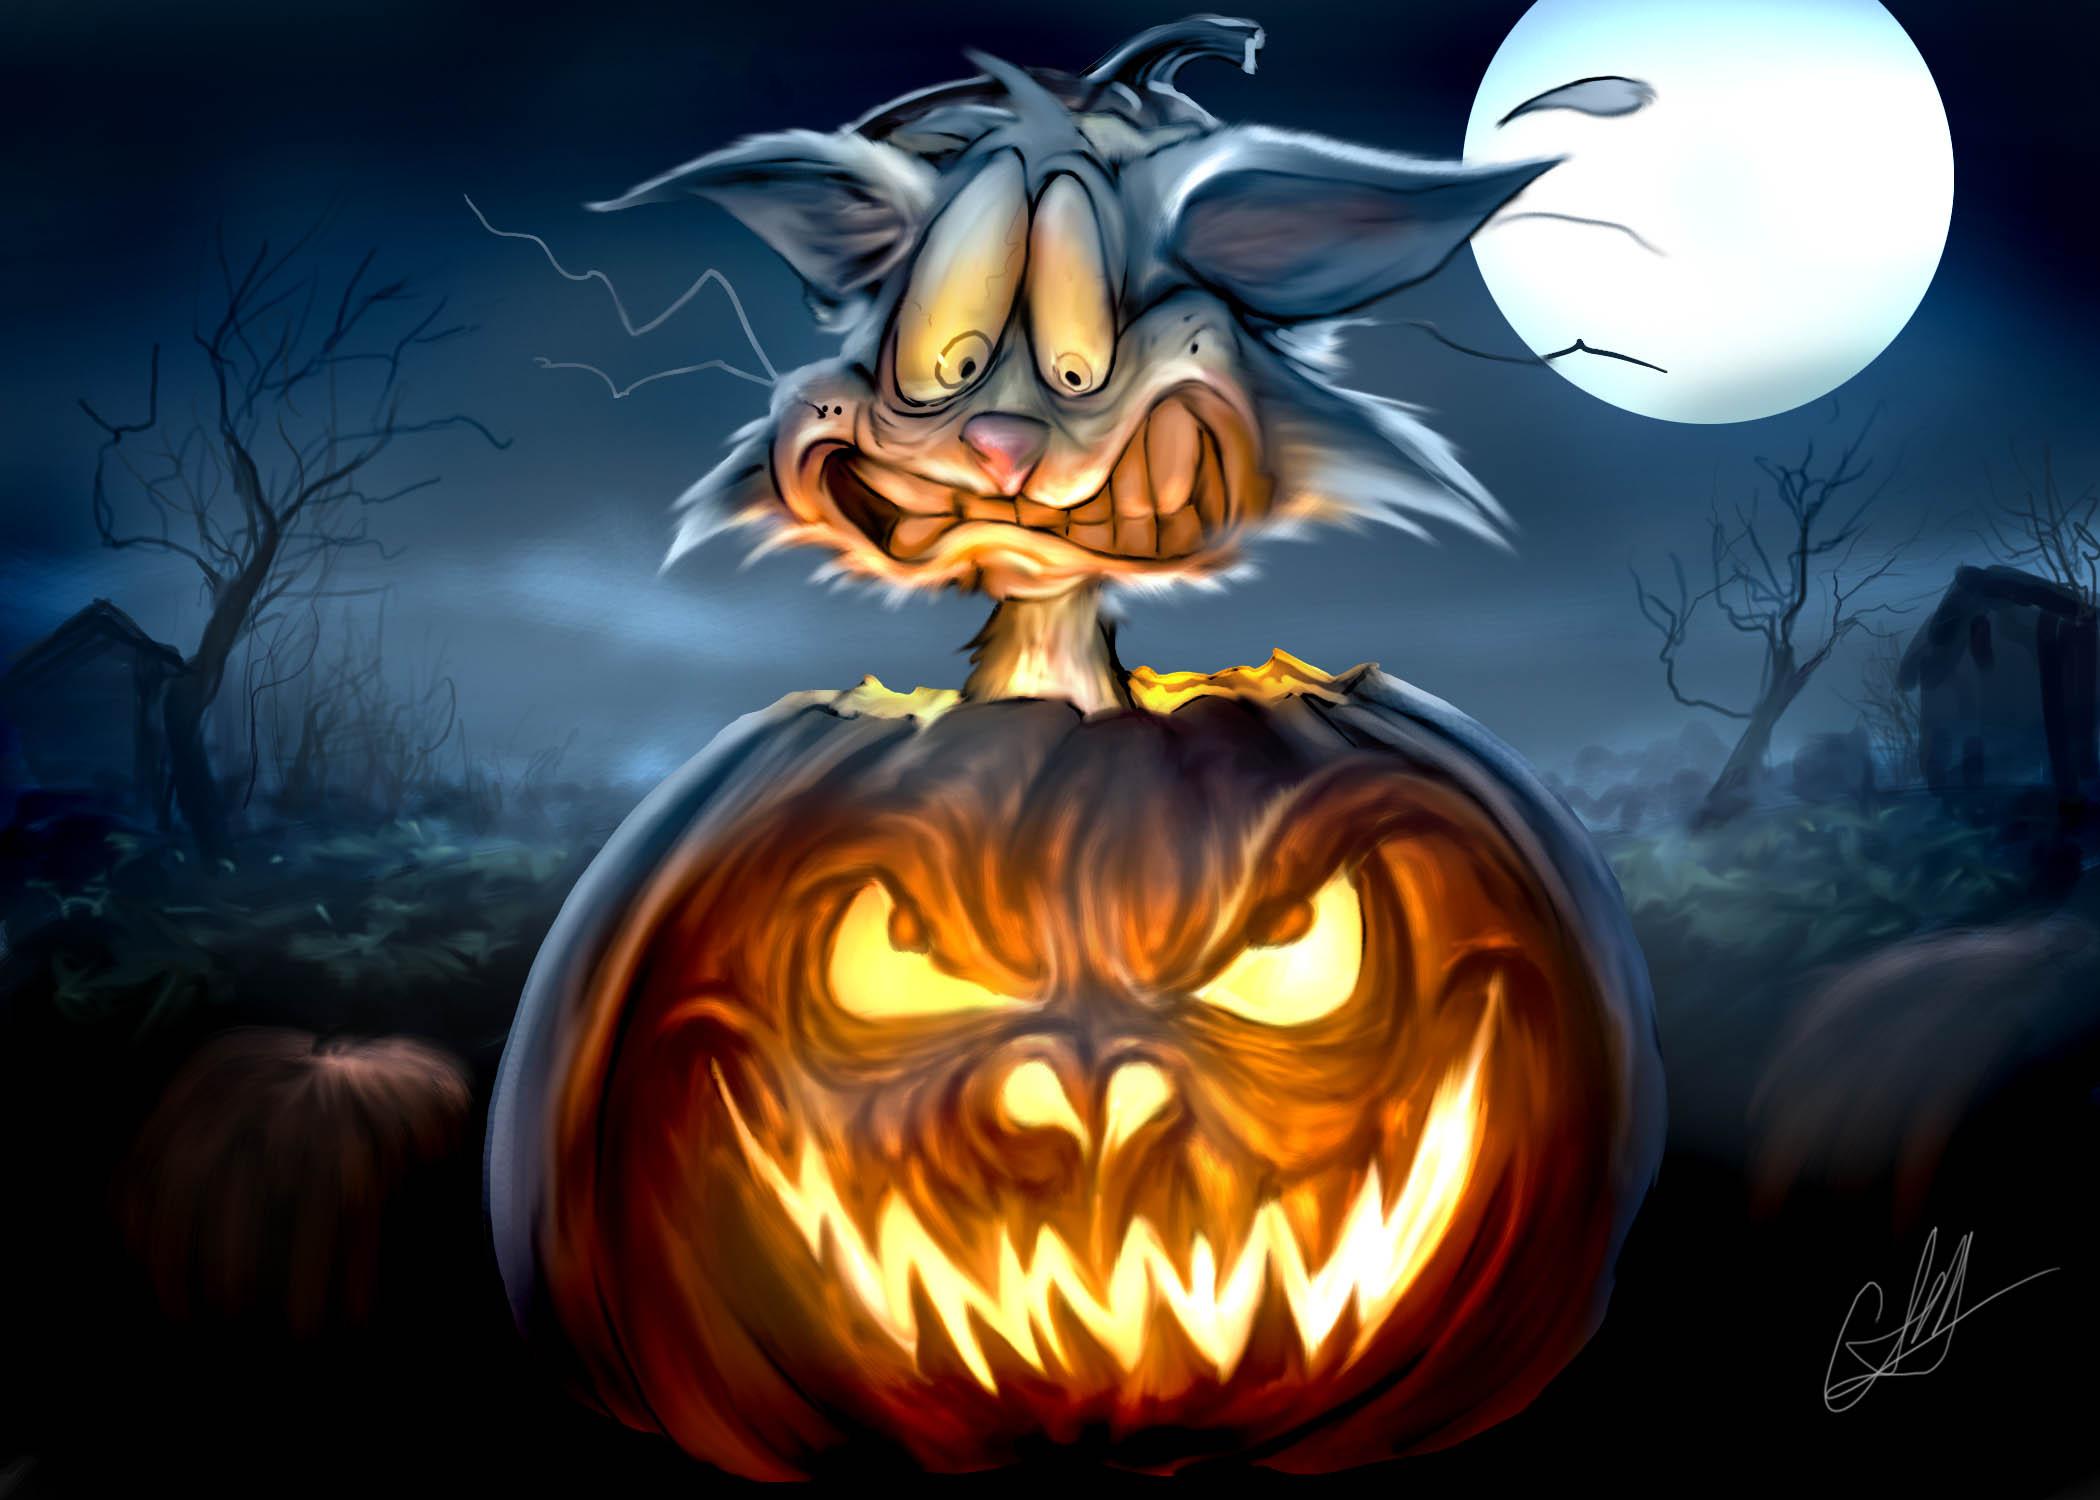 Pumpkin-Scarecrow-Haloween-Wallpaper